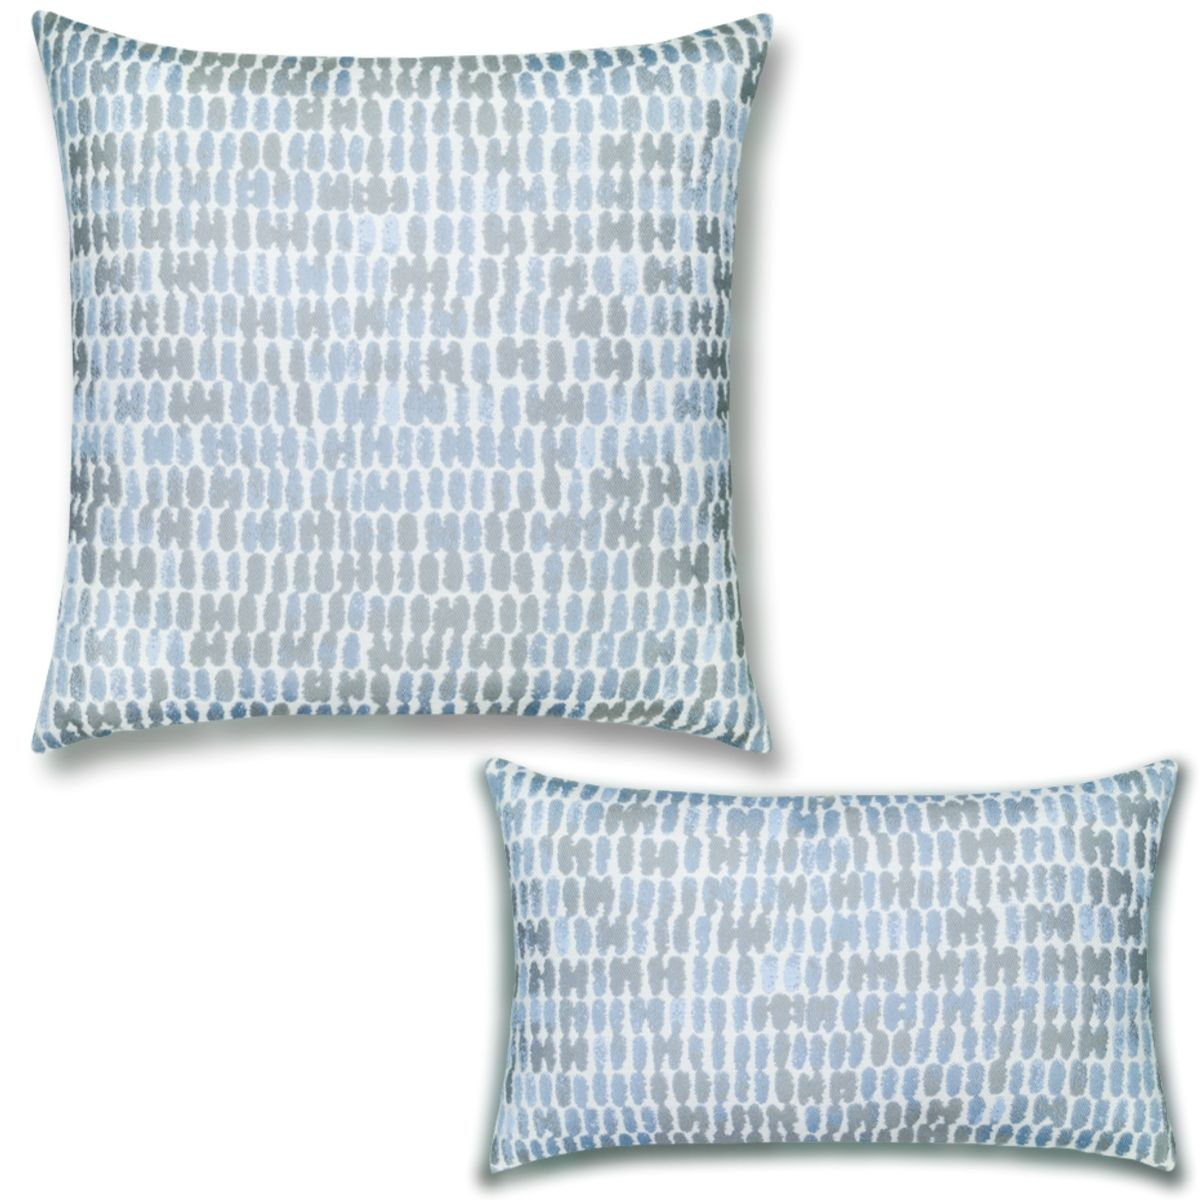 thumbprint-cloud pillow sizes